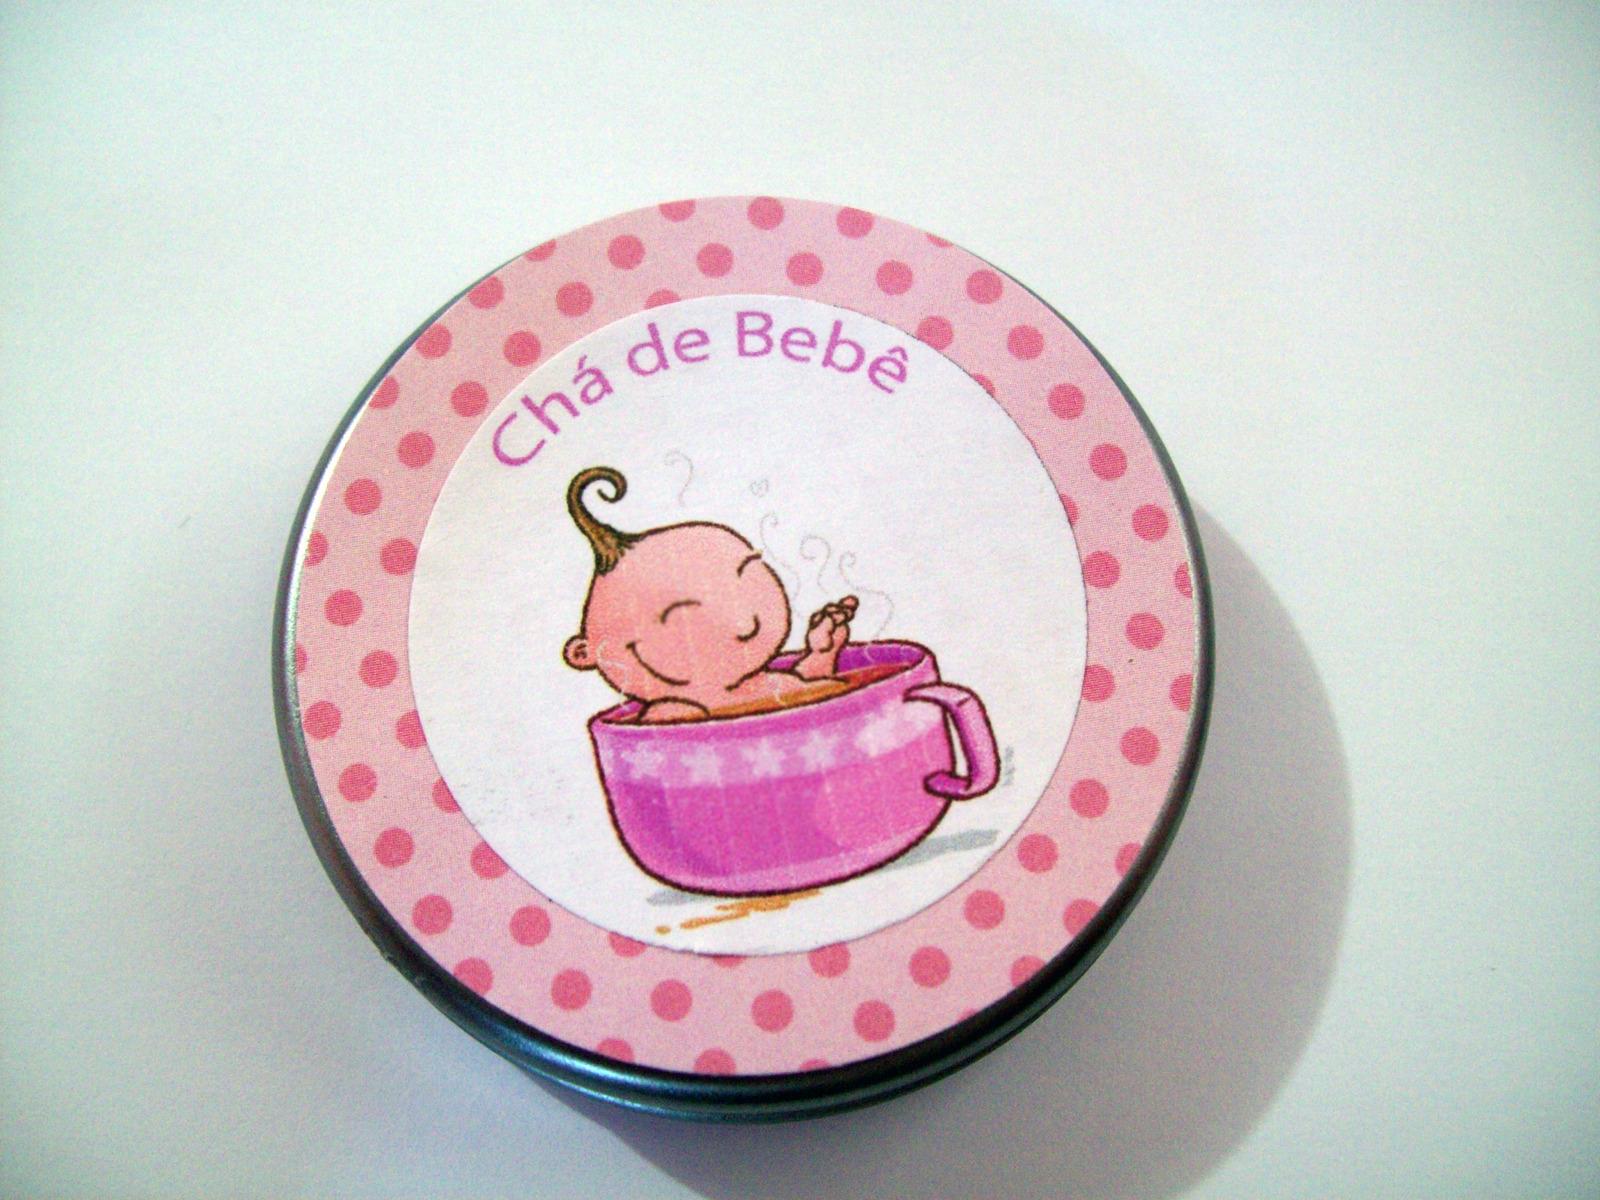 faculmamães: lembrancinha para o chá de bebe passo a passo